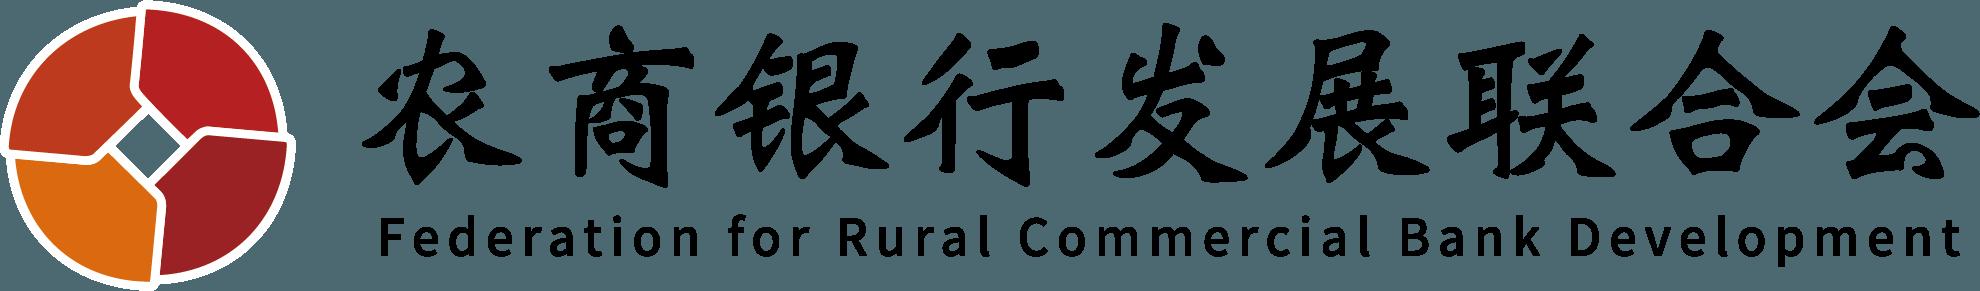 農商銀行發展聯盟